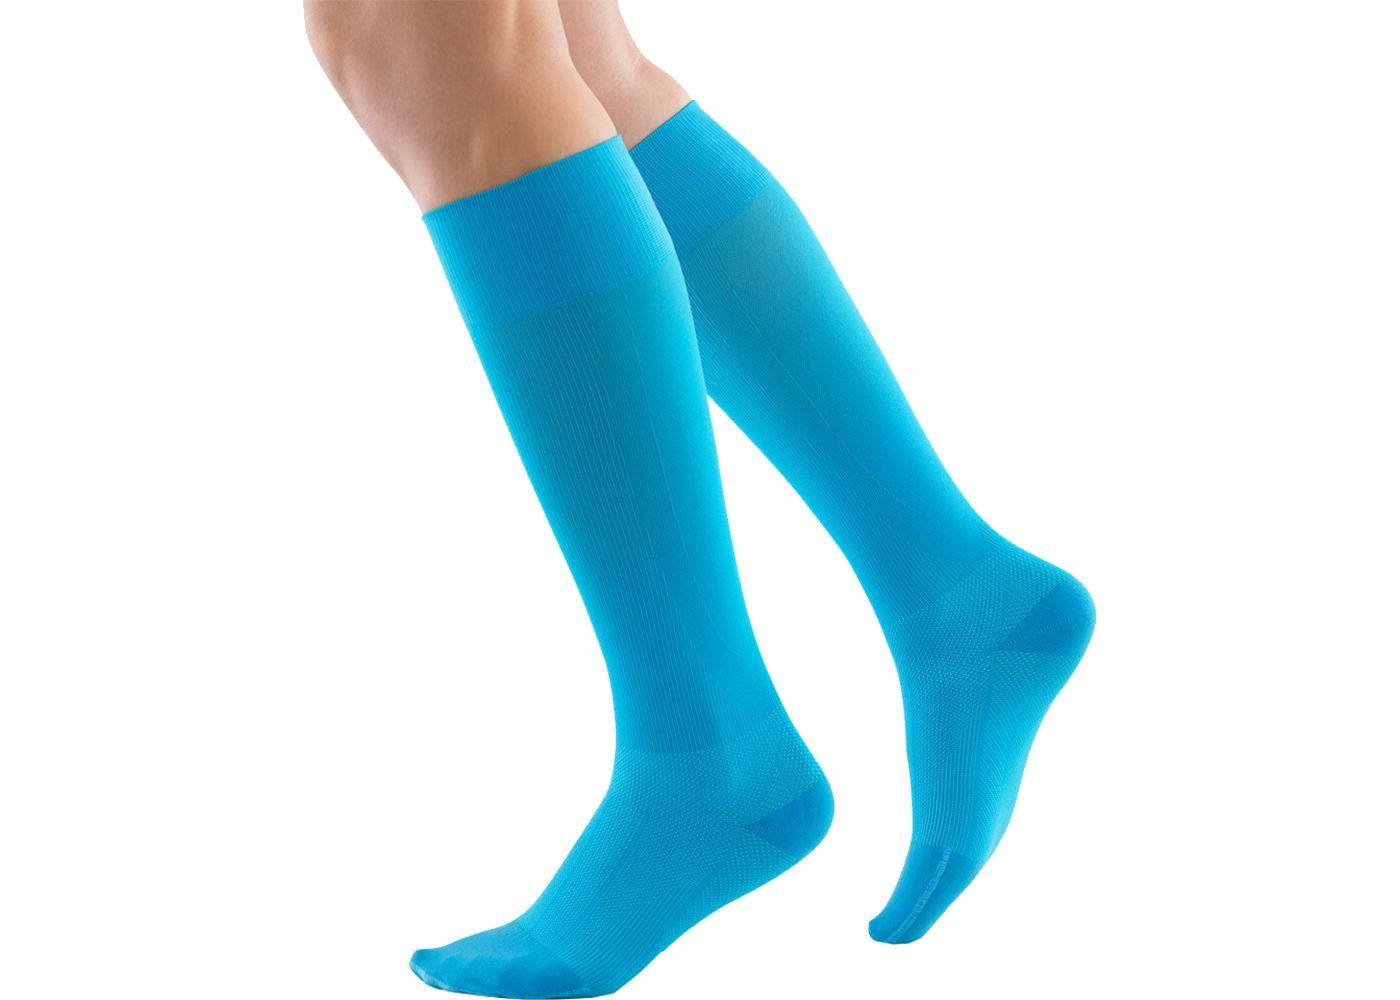 Bauerfeind Sports Compression Running Socks